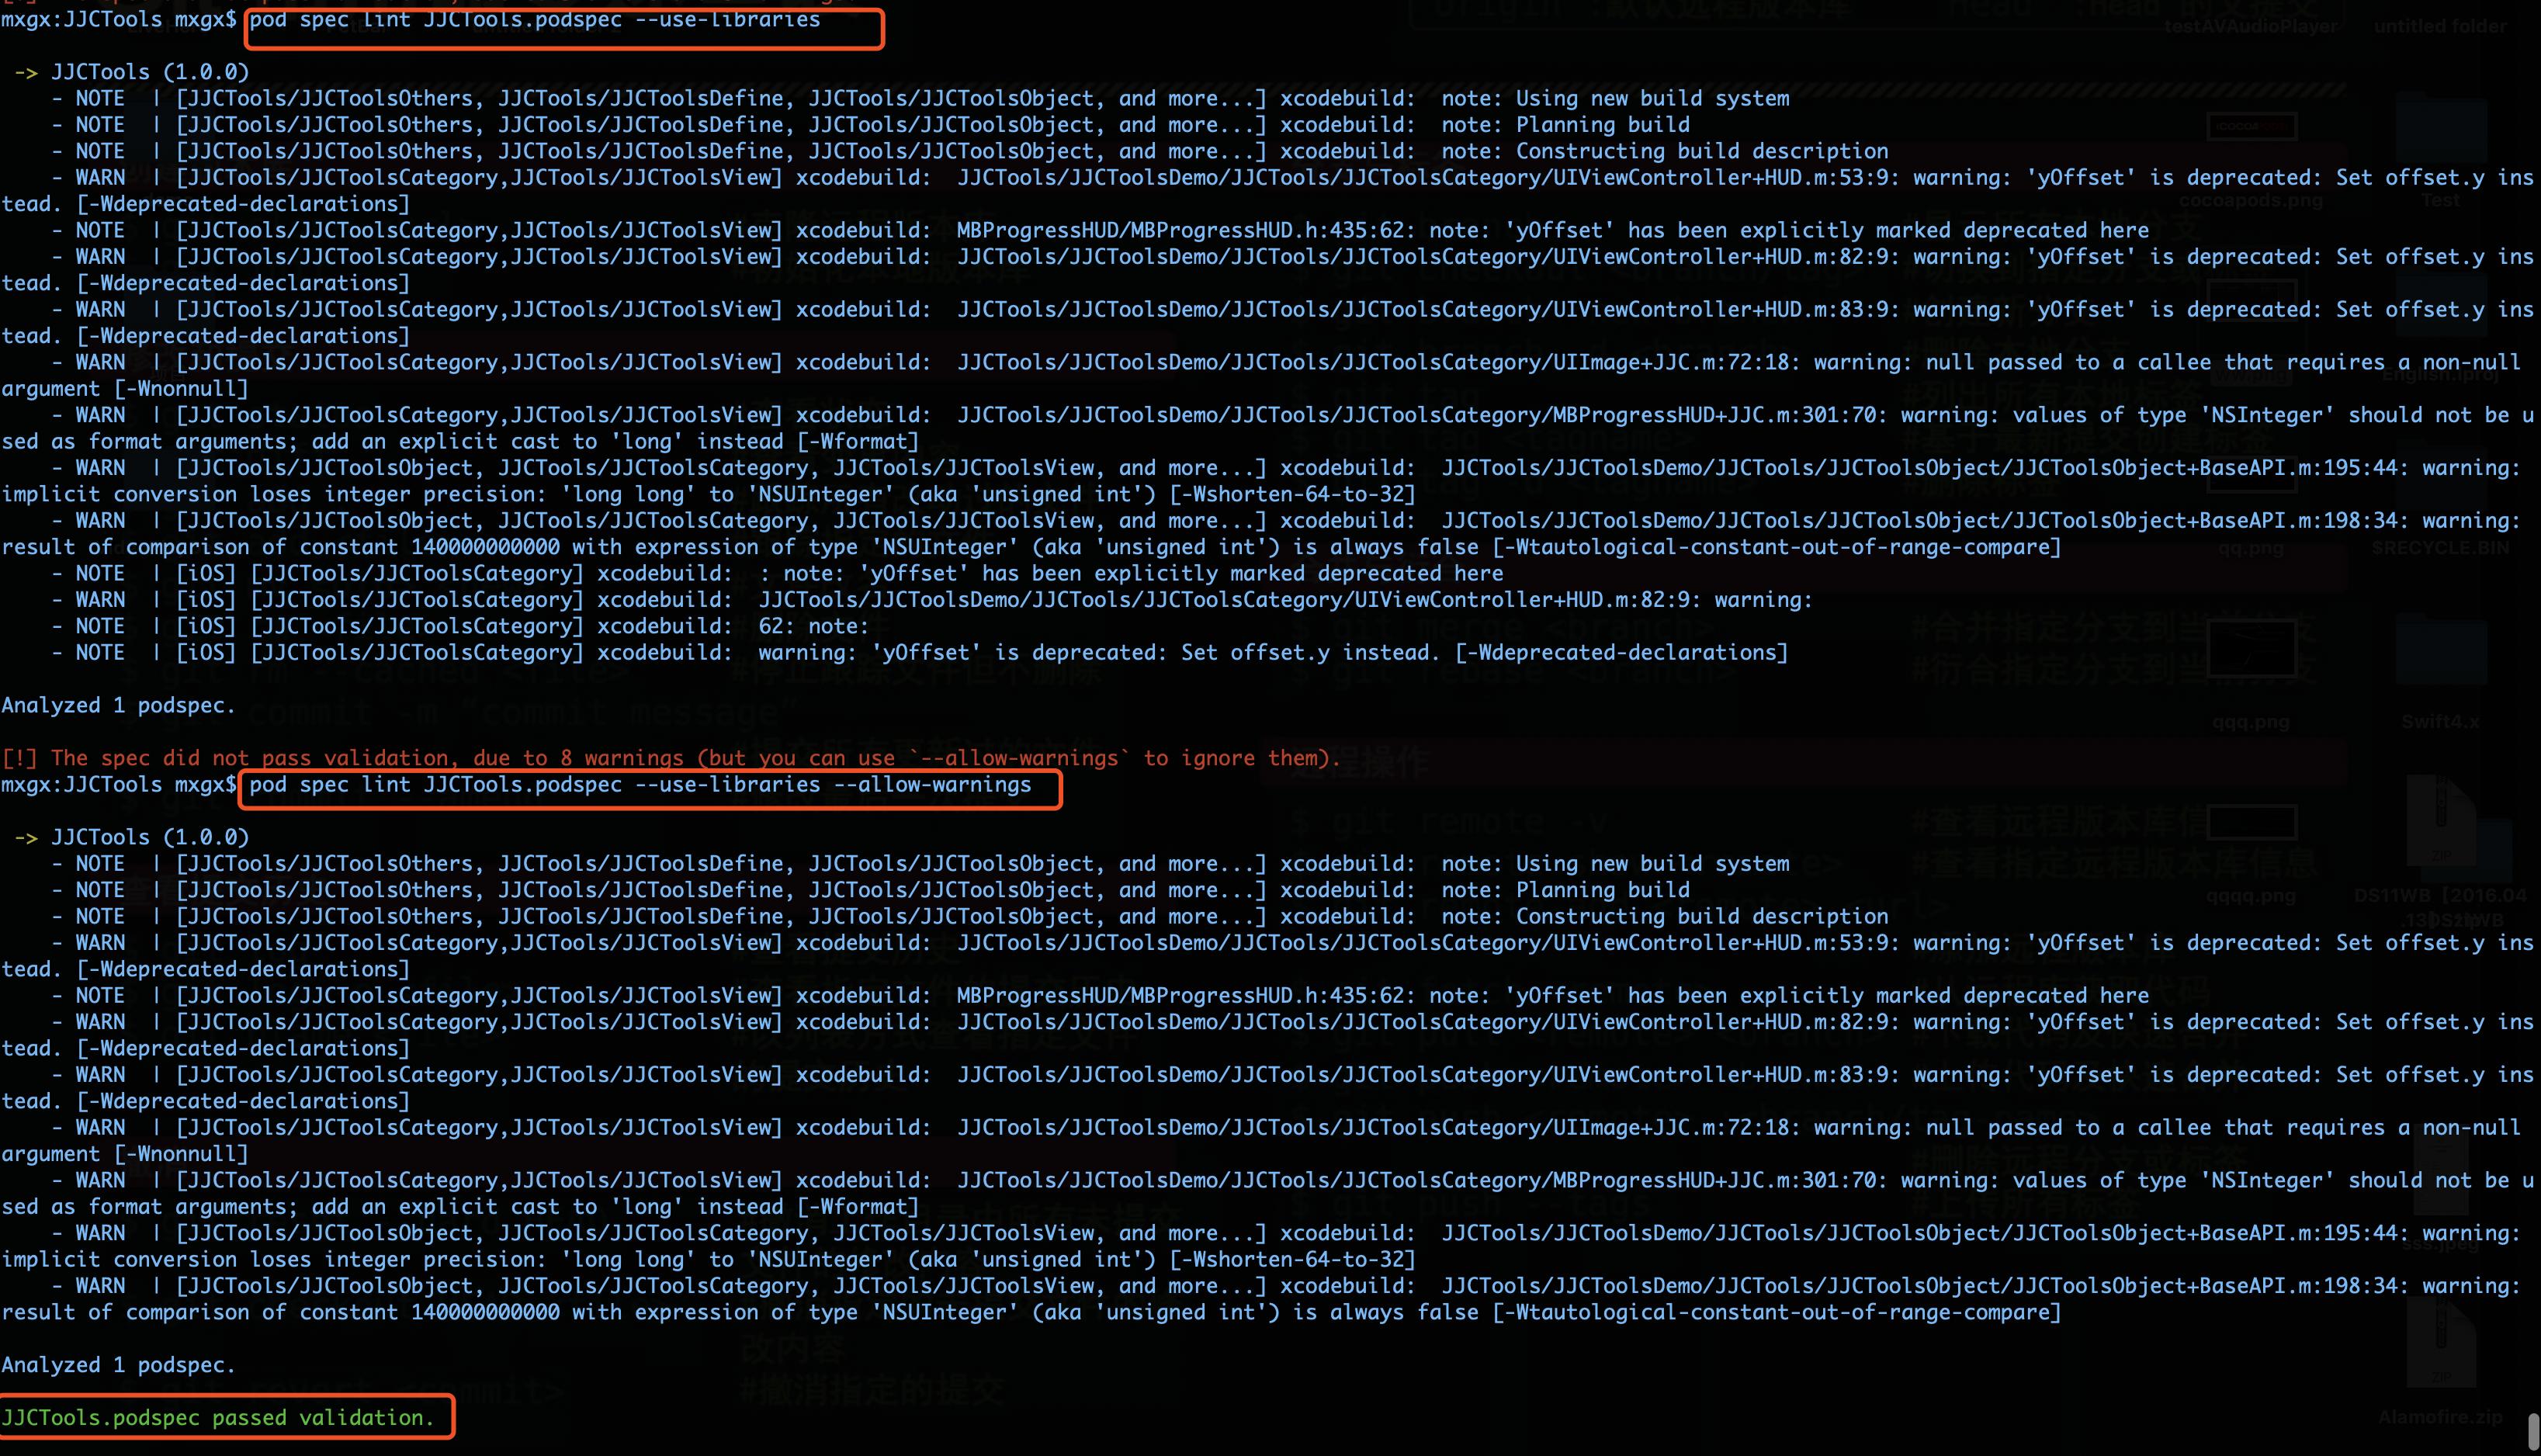 # 从本地和远程端验证依赖三方库且有警告的 pod 能否通过验证 - 2